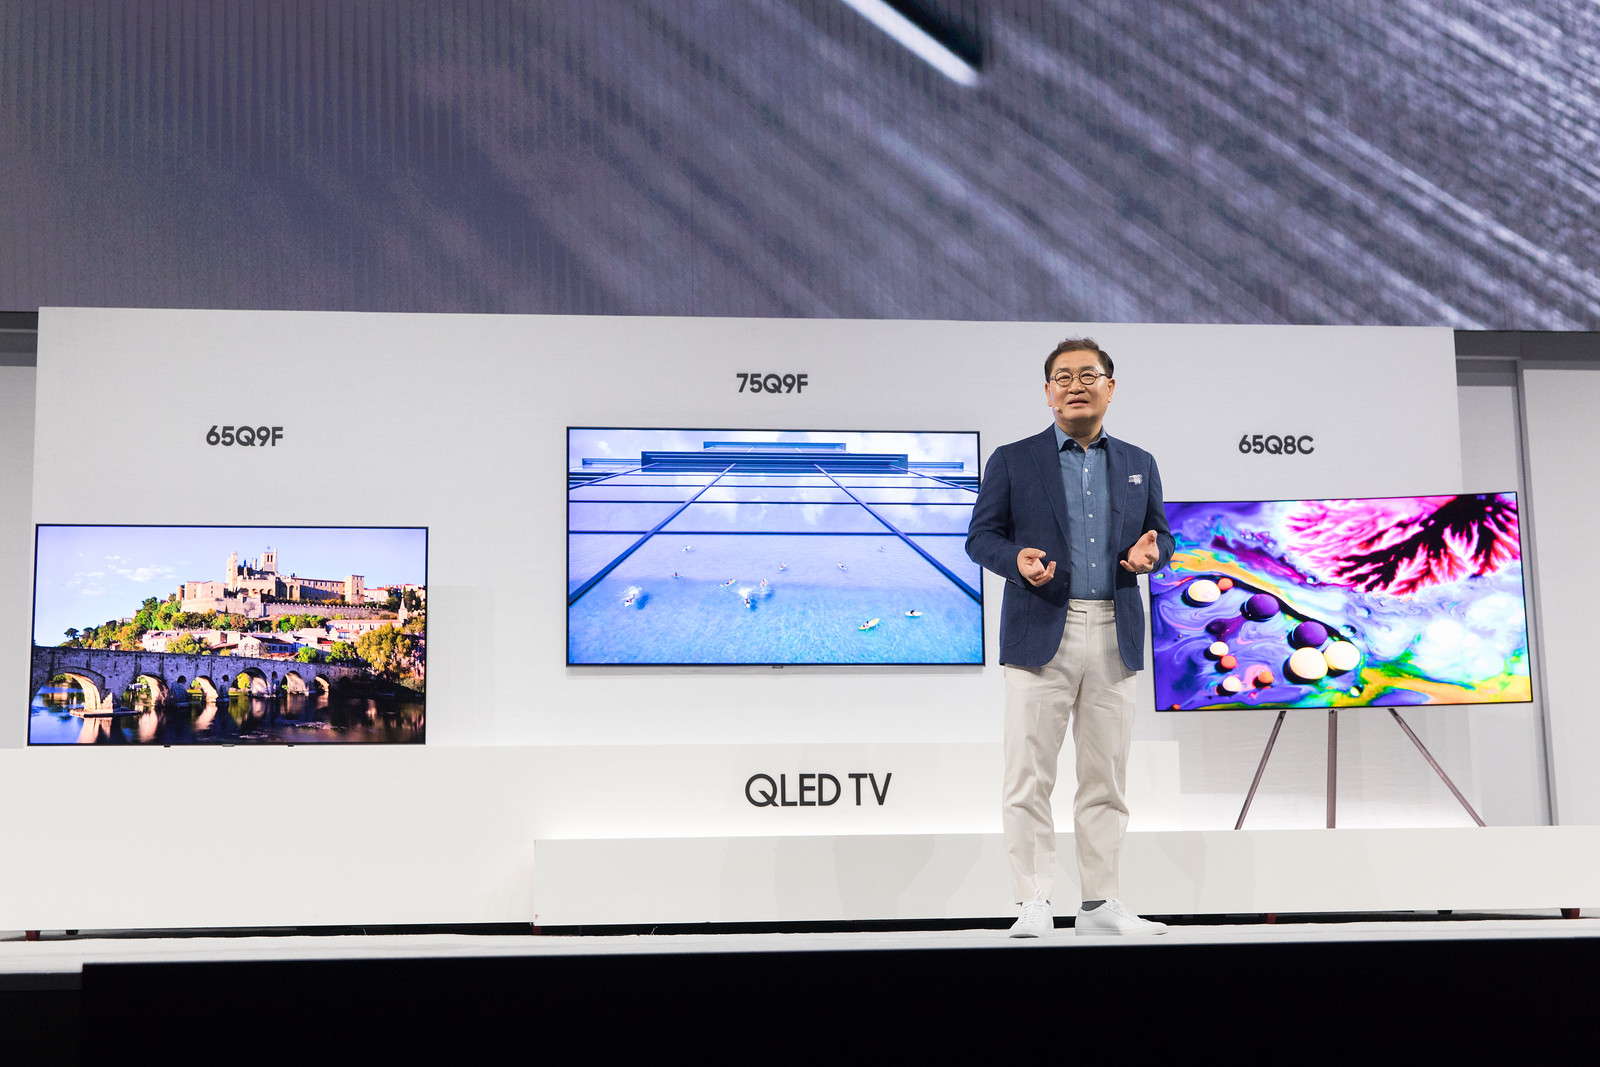 Самсунг презентовал новейшую линейку телевизоров QLED